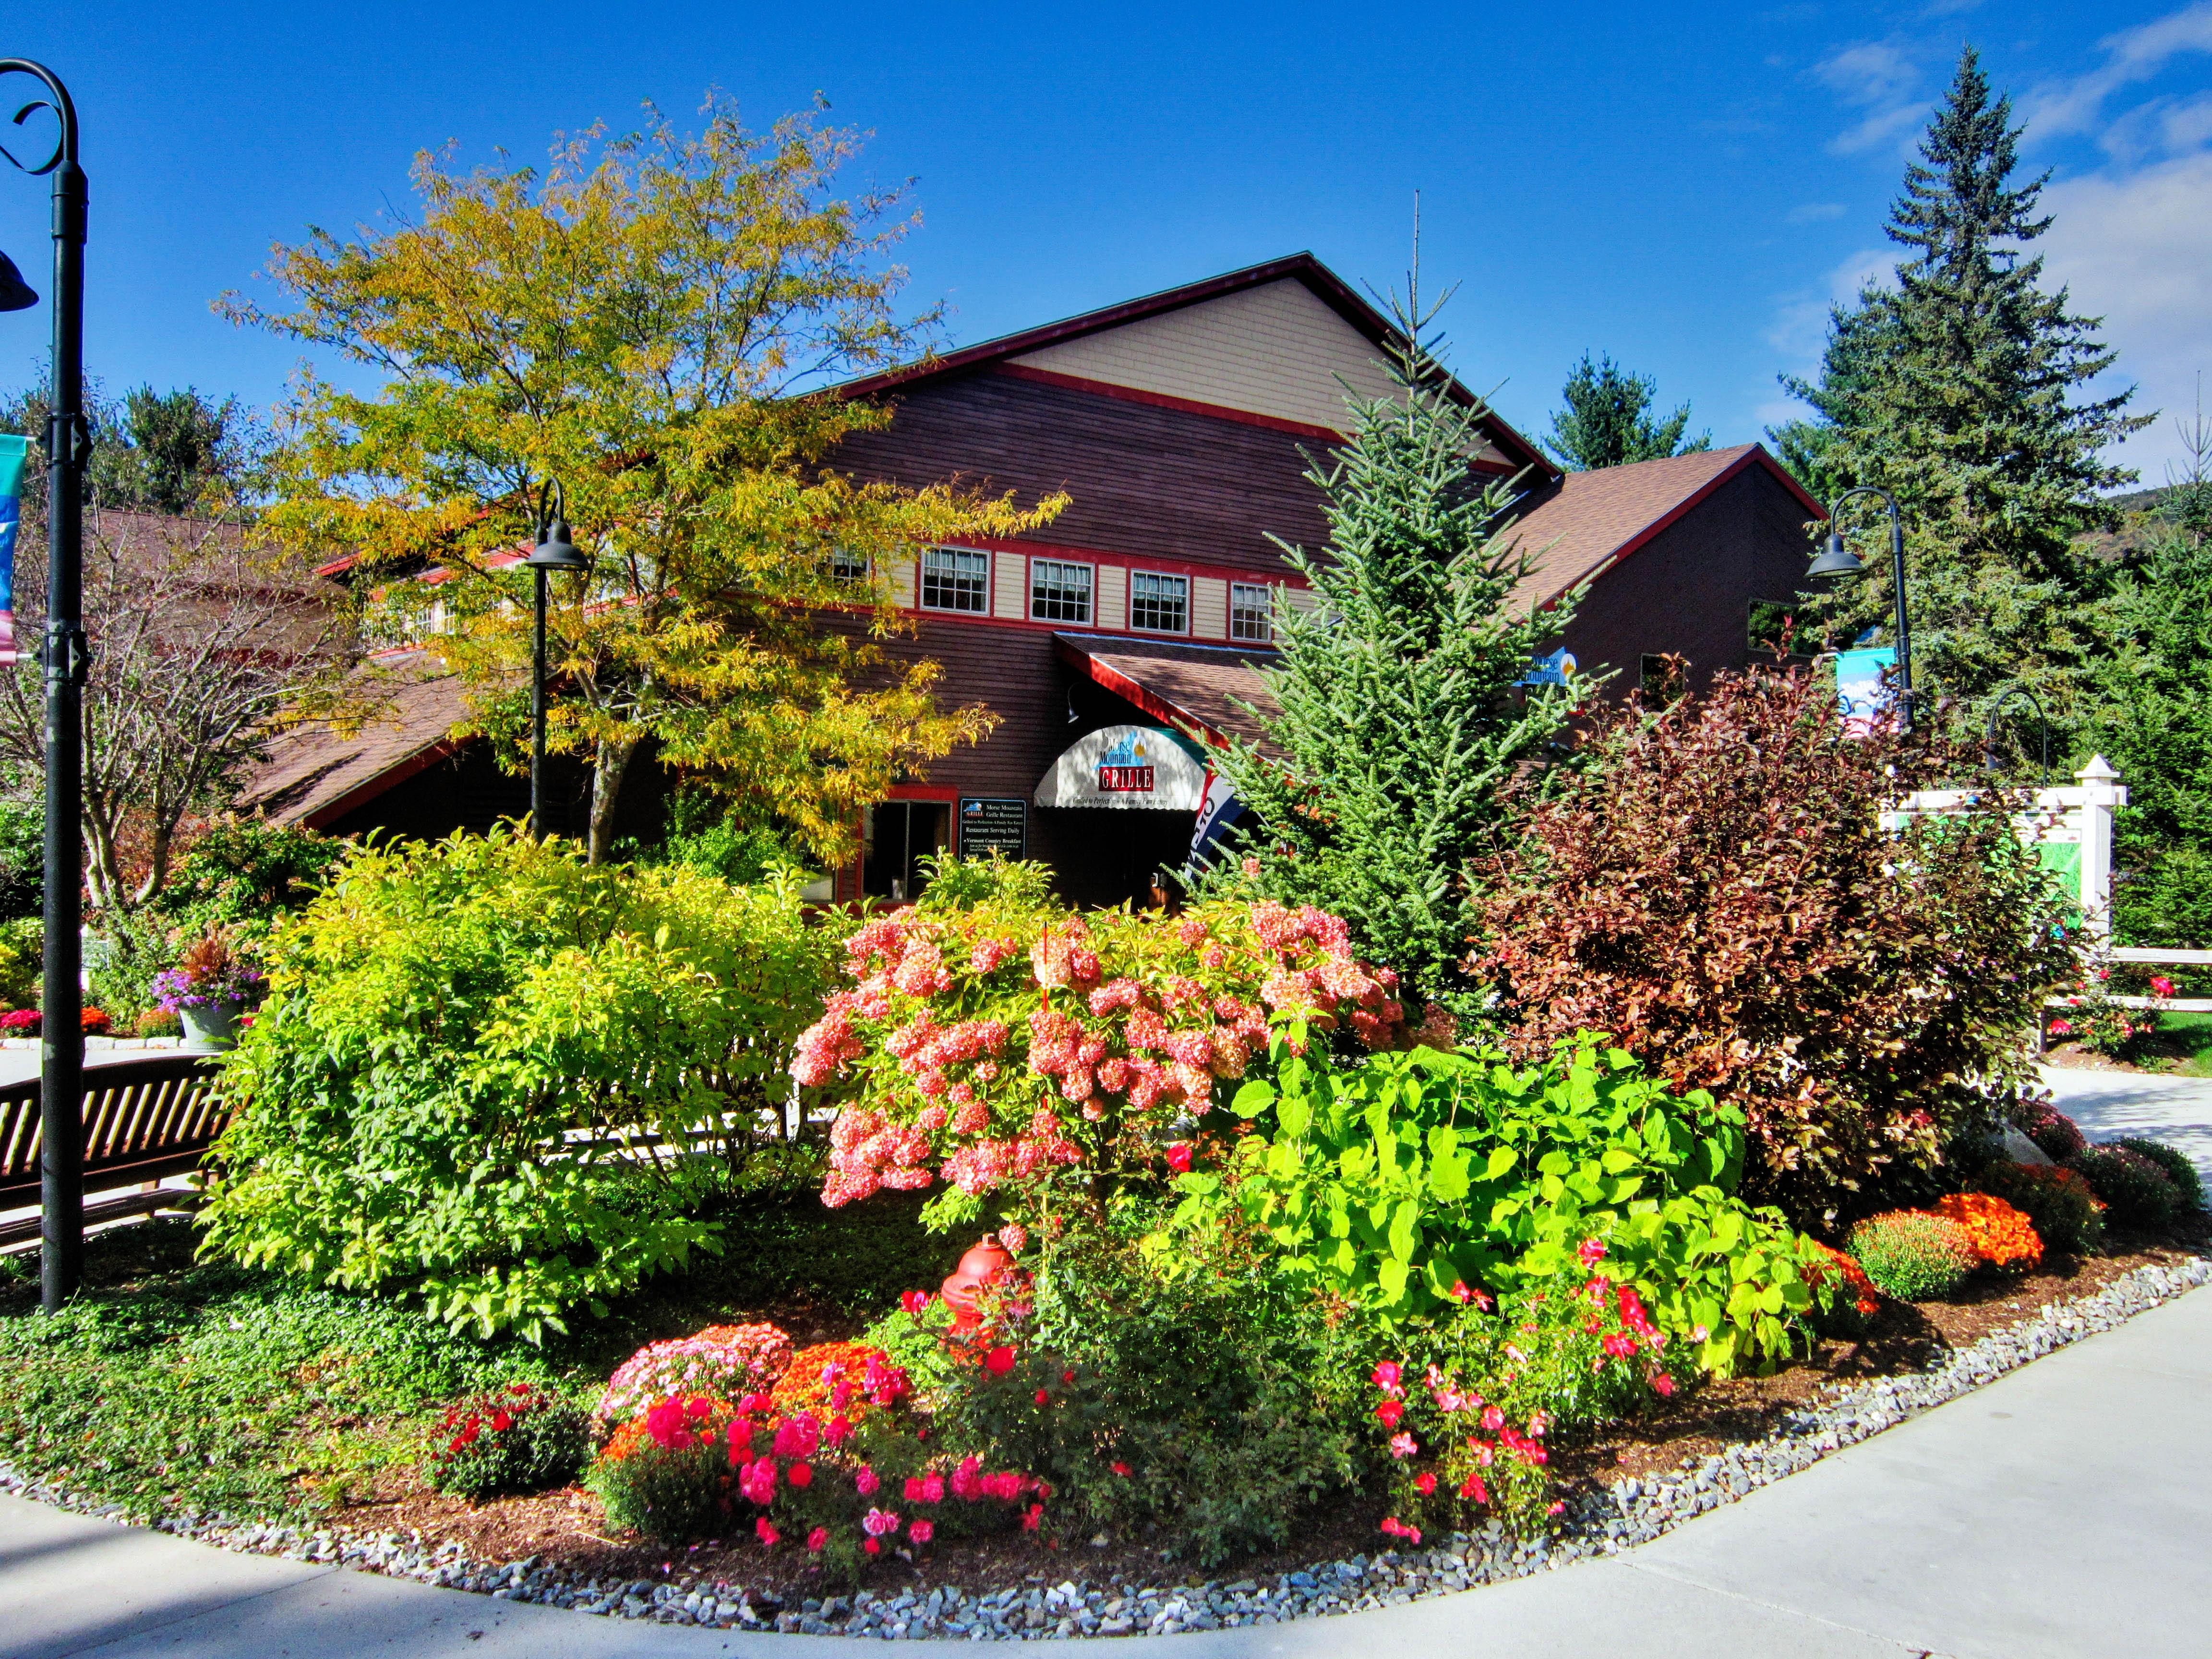 Kostenlose Foto : Landschaft, Baum, Natur, Draussen, Pflanze, Rasen, Haus,  Sonnenlicht, Fallen, Blume, Zuhause, Vorort, Laub, Ländlichen, Orange,  Grün, ...